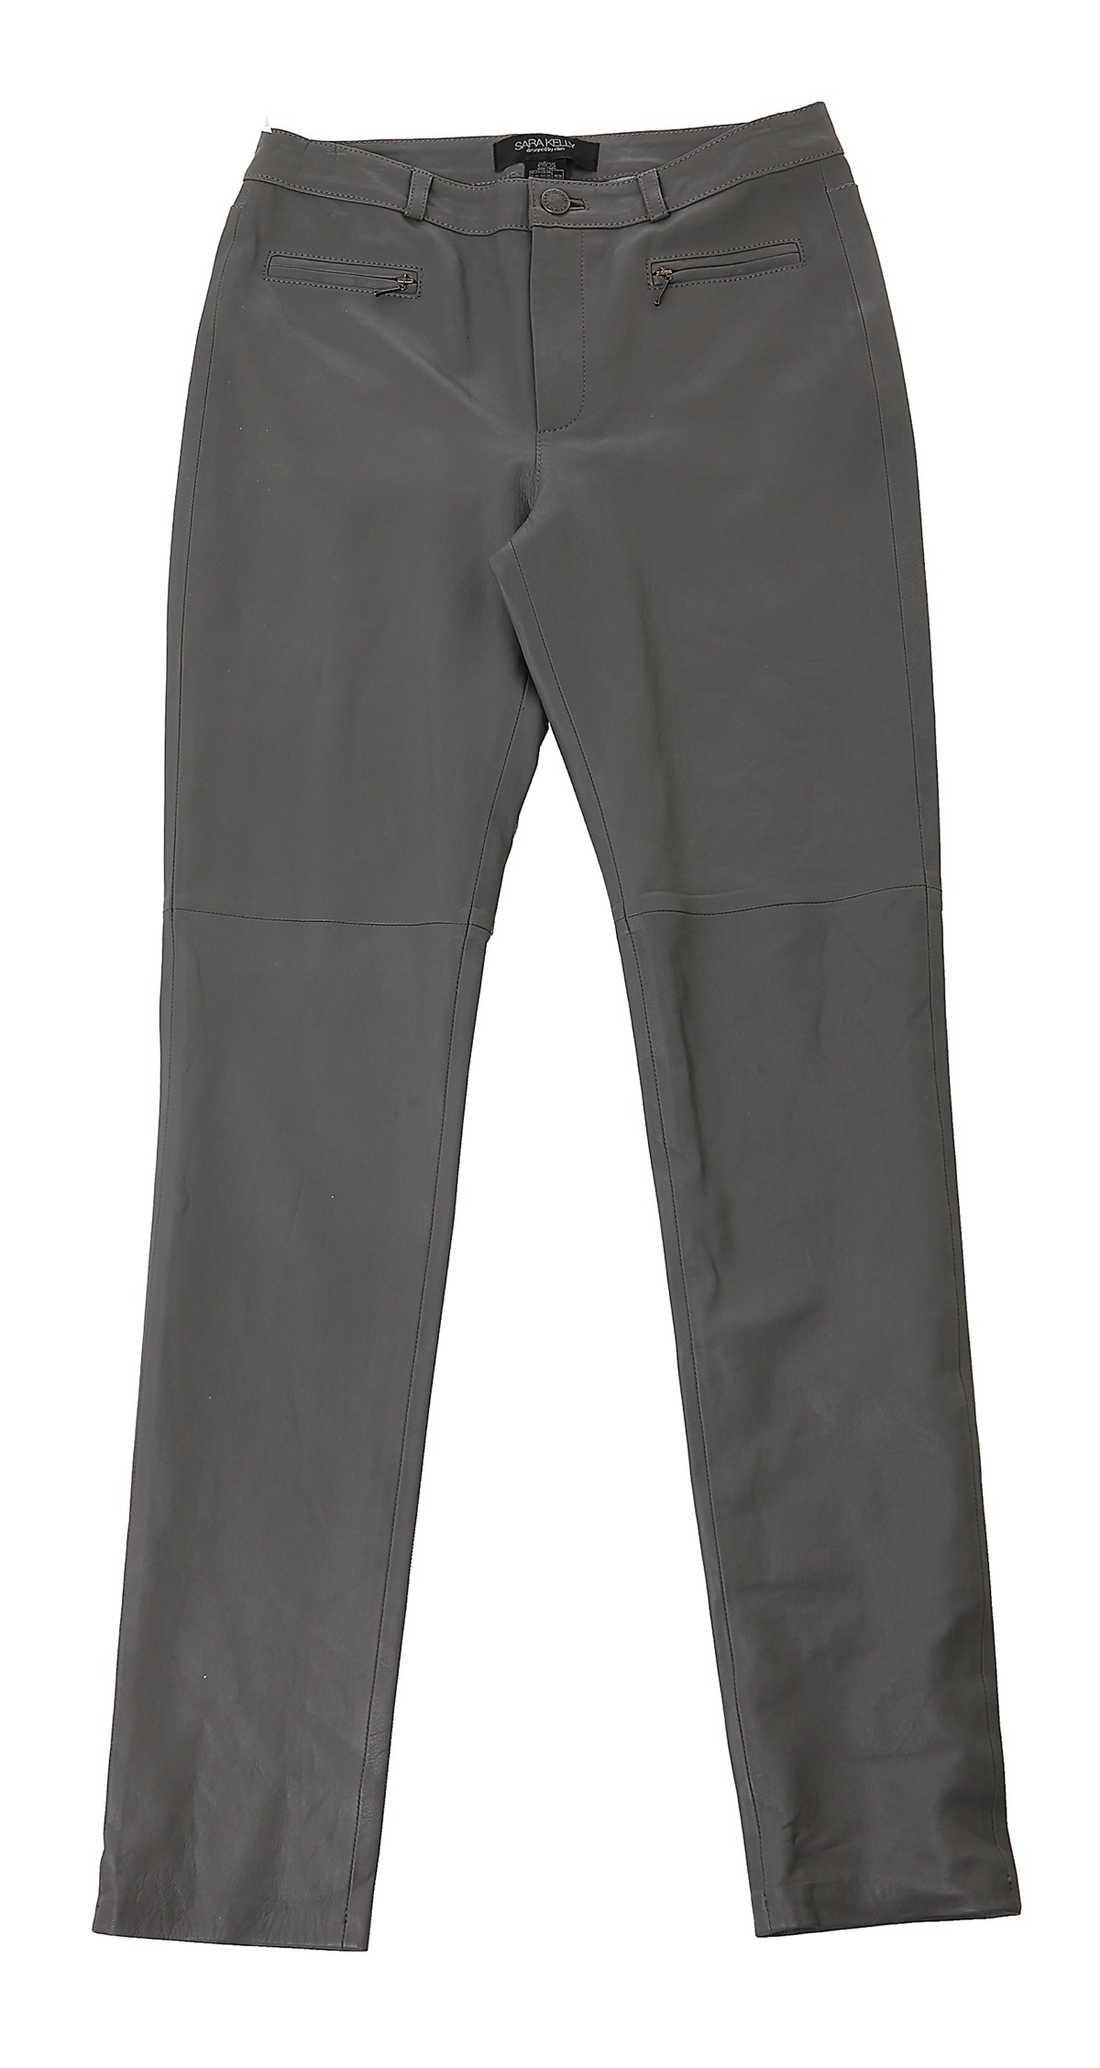 Färgat läder Ellos. 1 299 kr